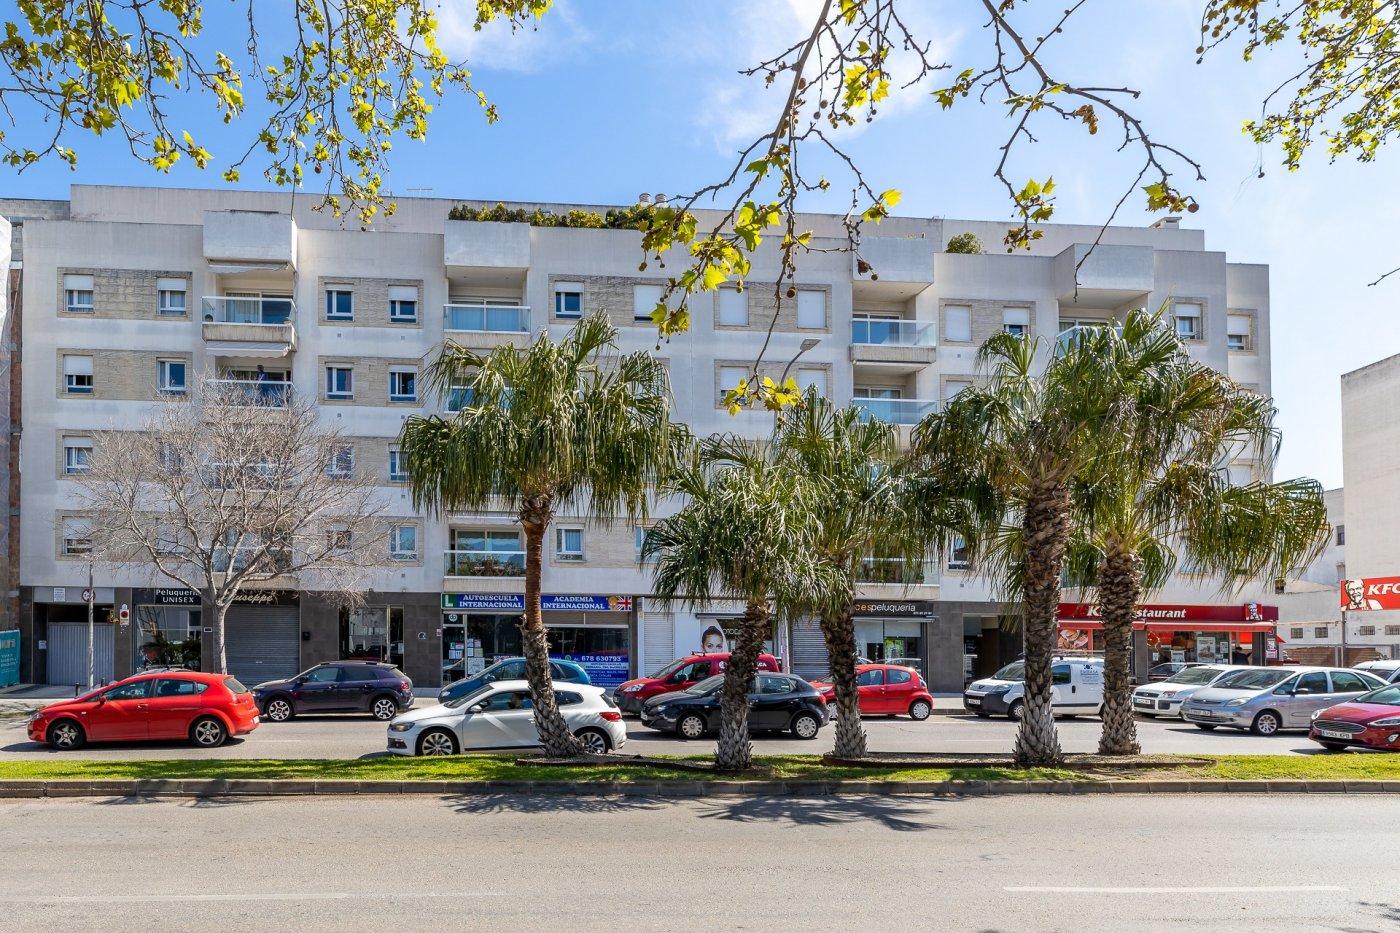 Piso con parking y trastero calle aragón - imagenInmueble32